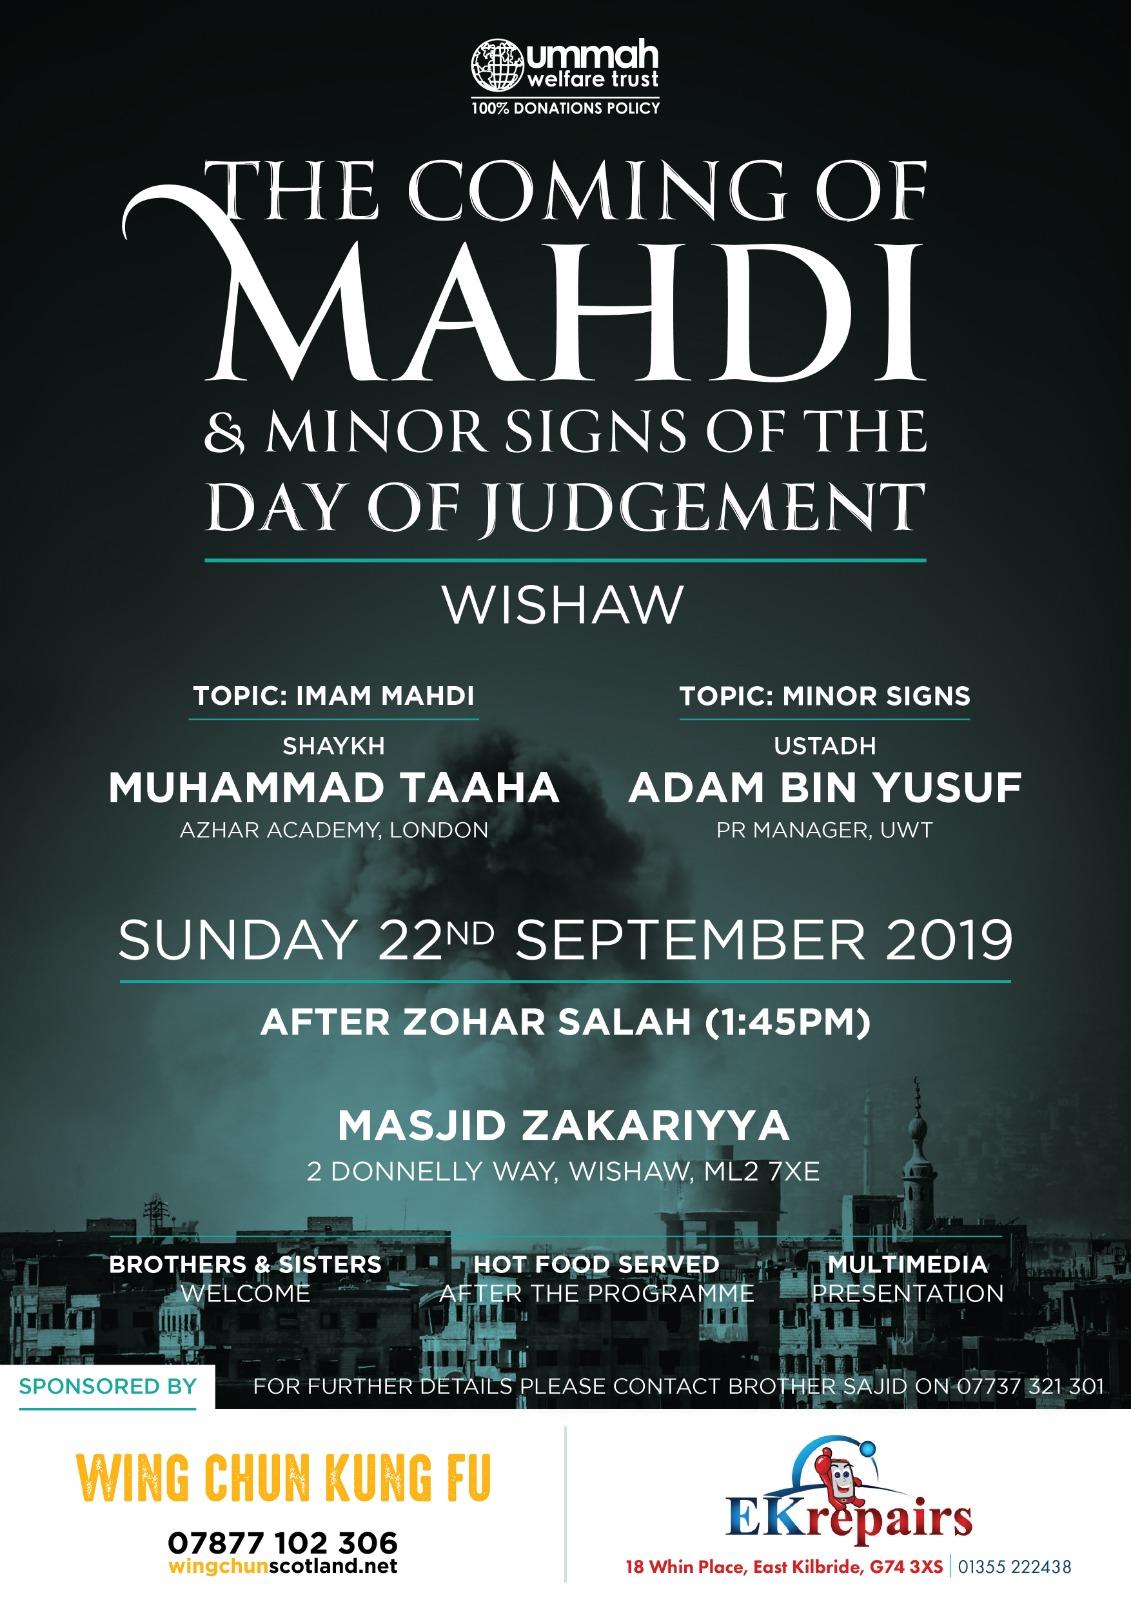 09-22 Coming Of Mahdi Wishaw